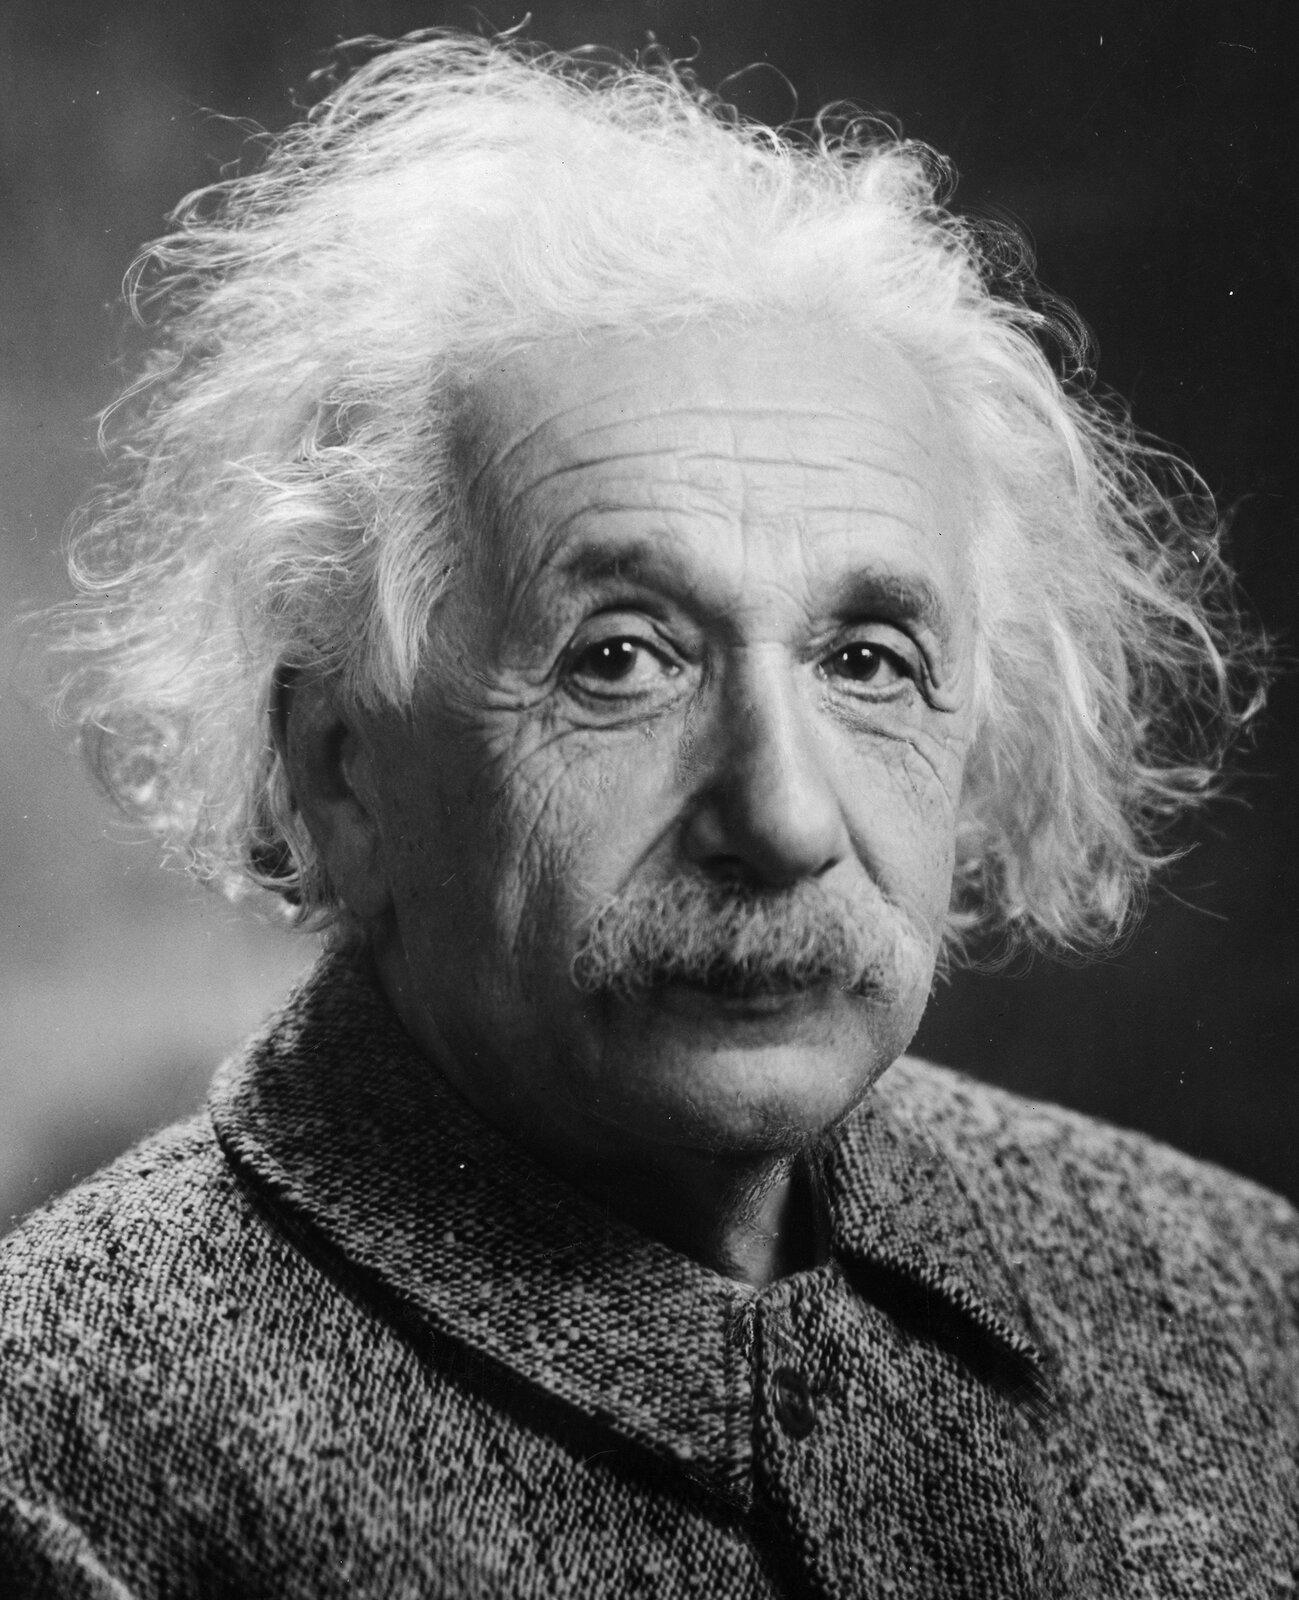 Portret Alberta Einsteina Źródło: Orren Jack Turner, Portret Alberta Einsteina, 1947, fotografia czarno-biała, domena publiczna.